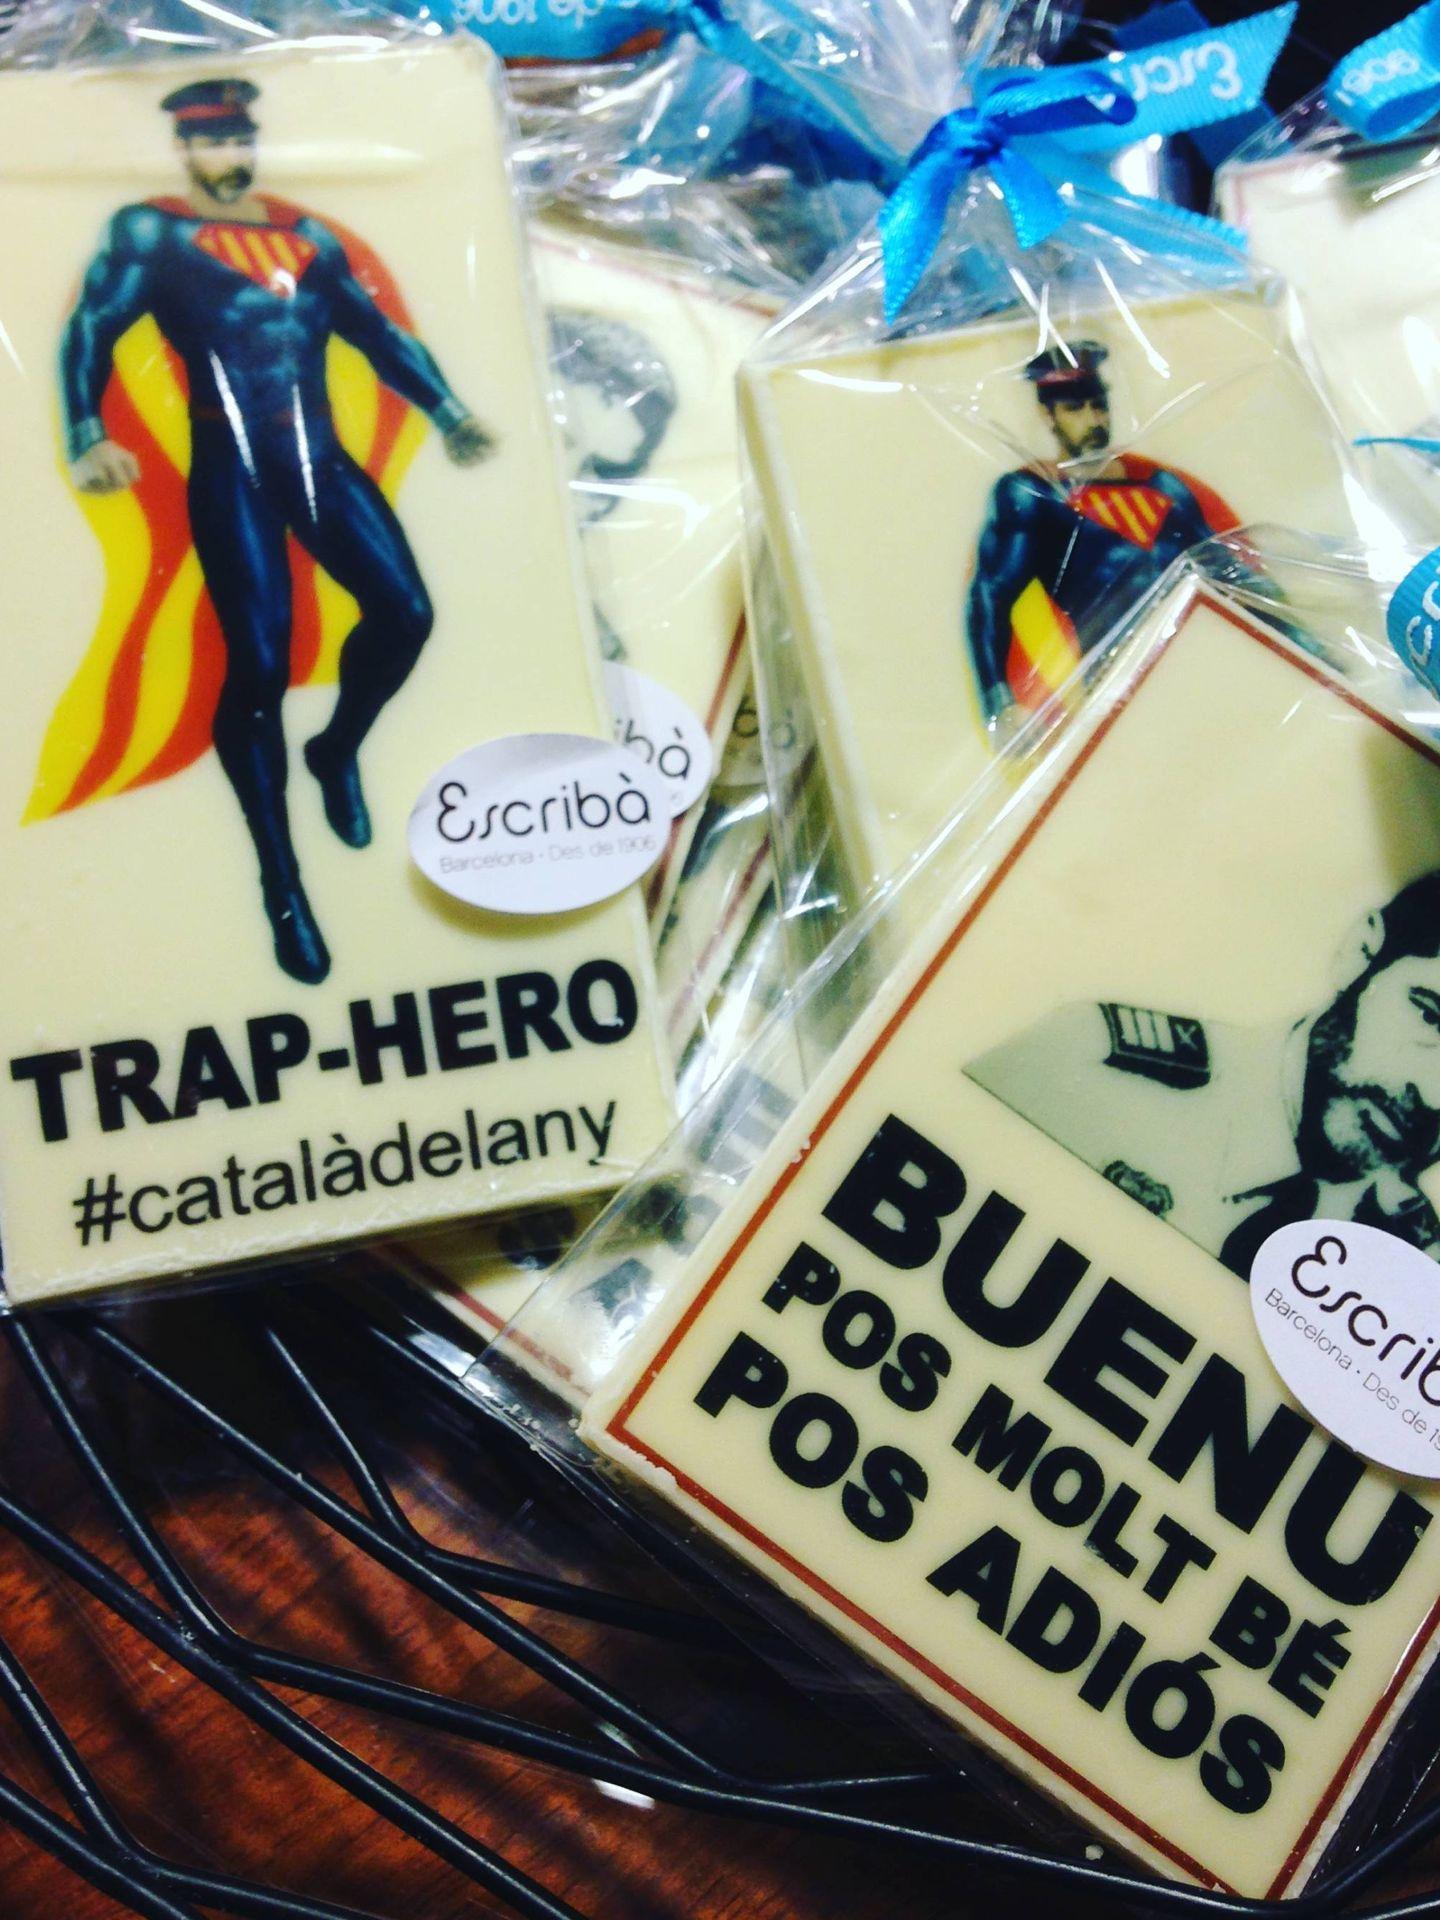 Chocolatinas en homenaje a Trapero de venta en las pastelerías Escribà. (ST)